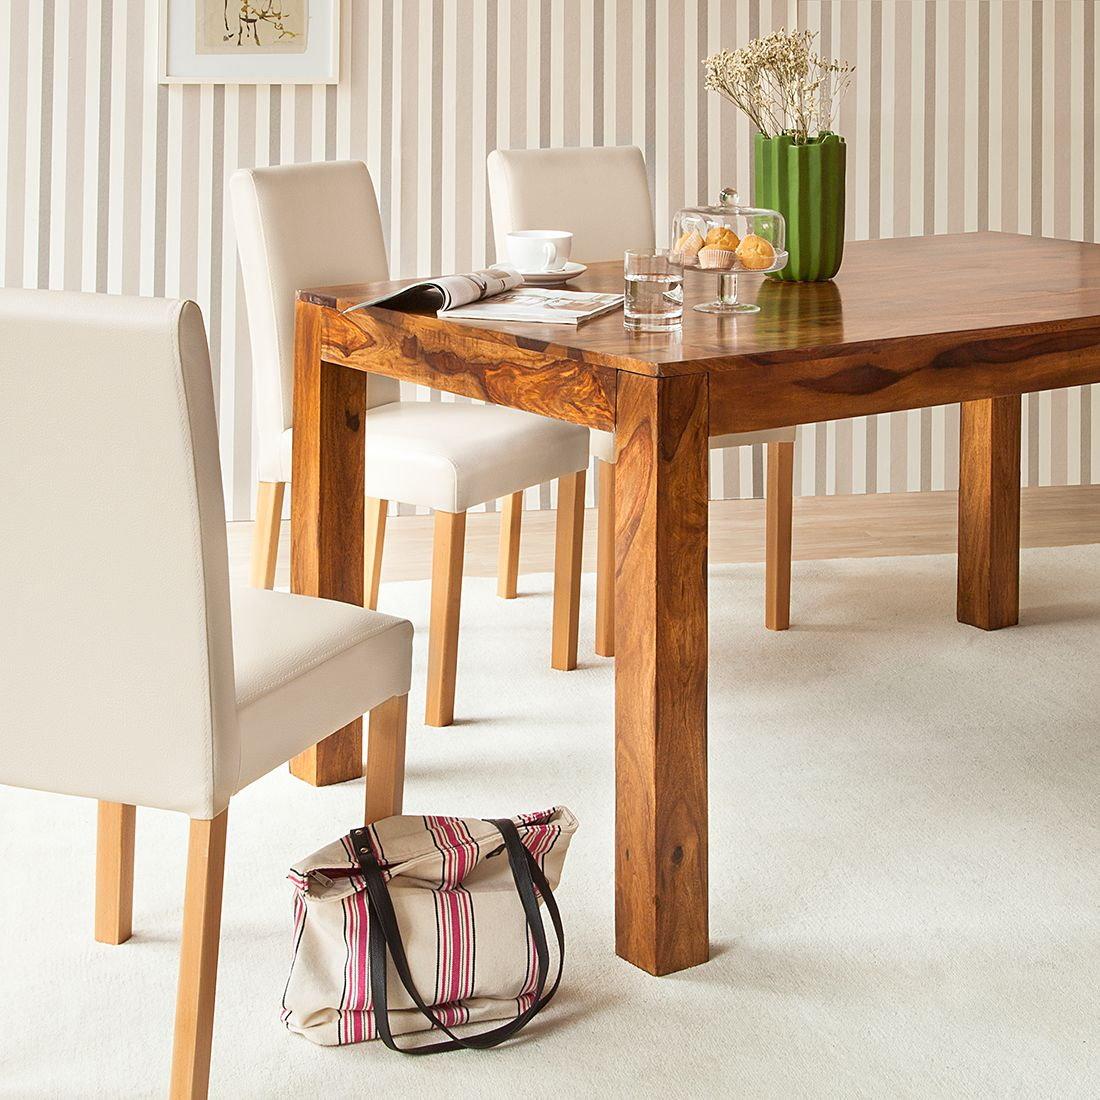 esstisch sheesham honigbraun 200x90cm esszimmer holz tisch massiv esszimmer ebay. Black Bedroom Furniture Sets. Home Design Ideas